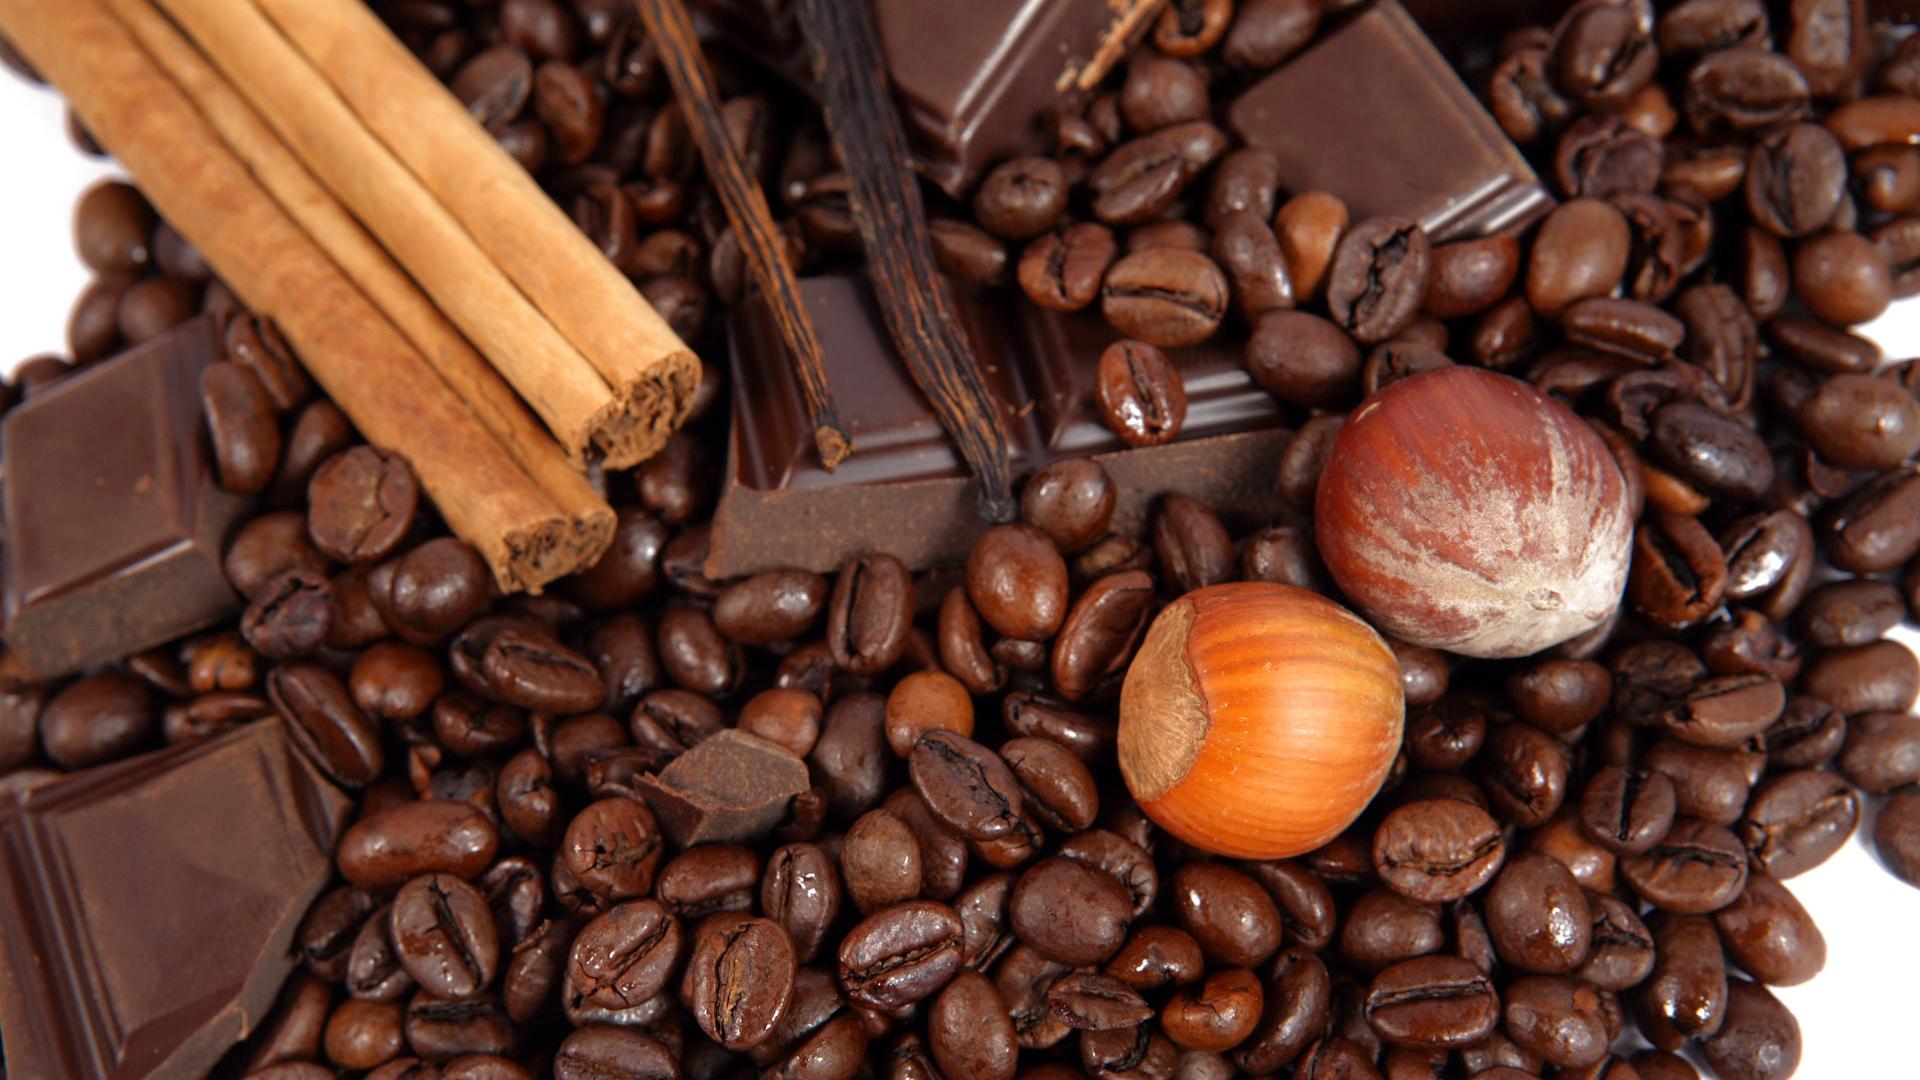 существующие красивые картинки шоколадного цвета только суть том